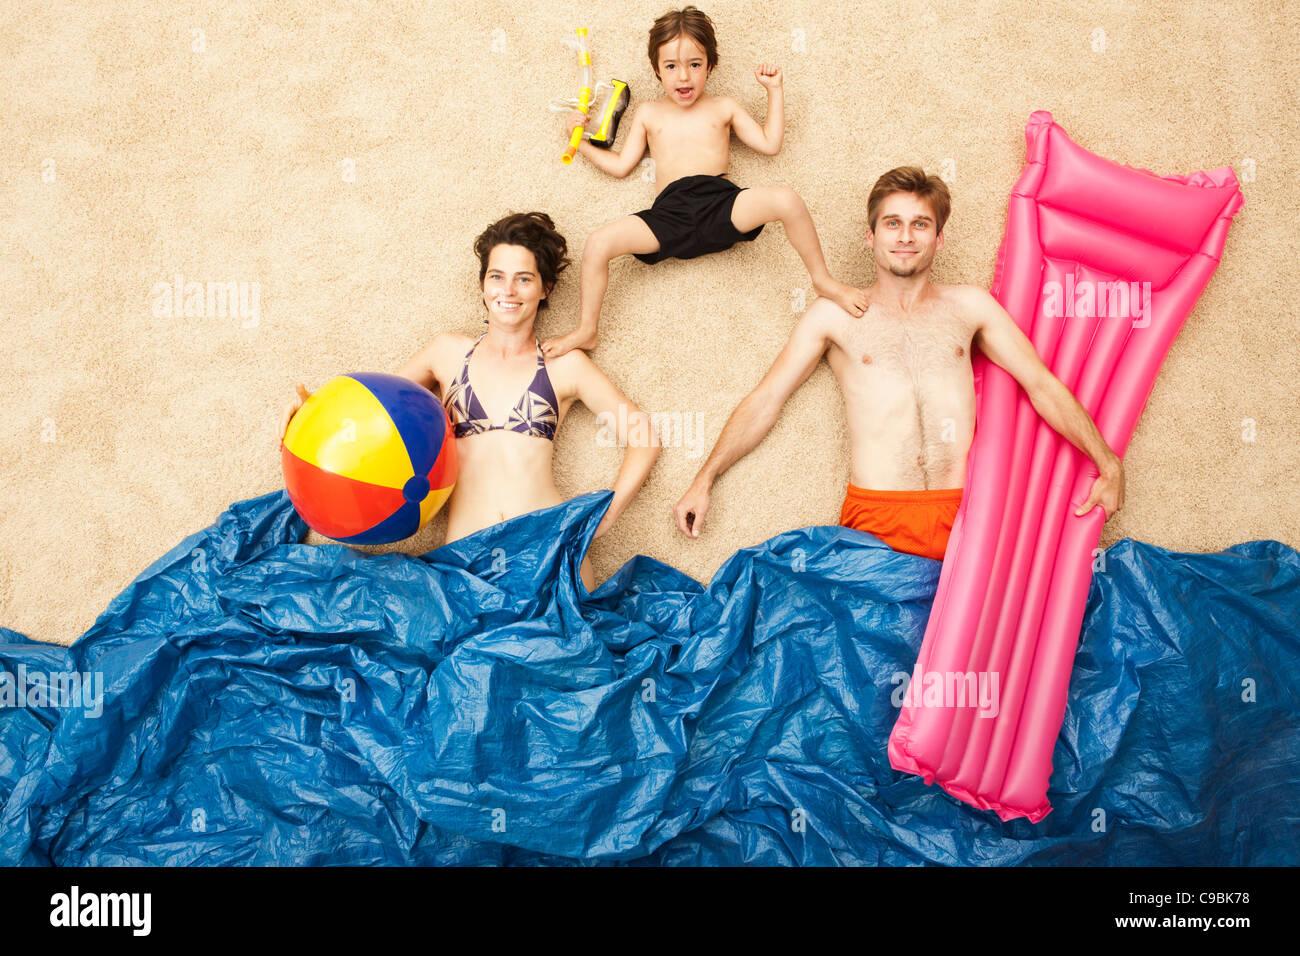 Deutschland, künstlichen Strand-Szene mit der Familie Spaß in Wellen Stockbild